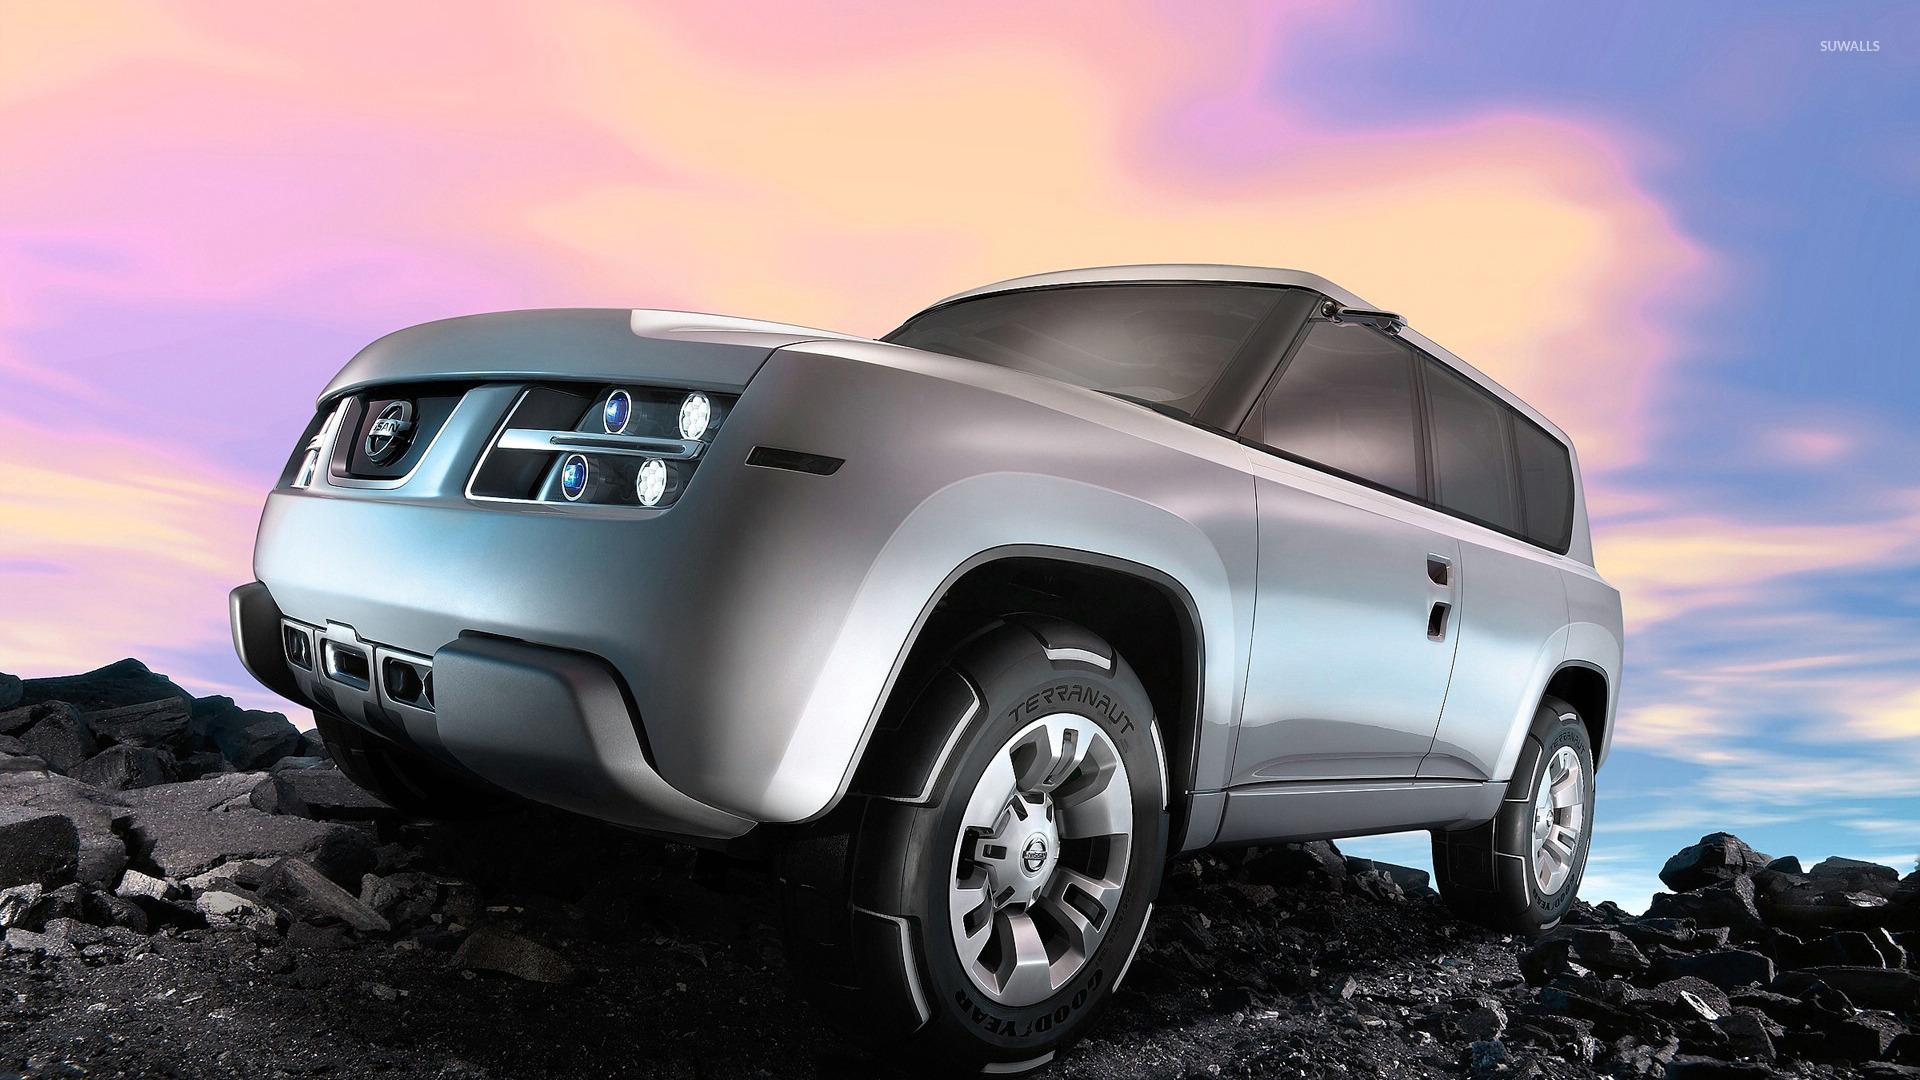 Nissan Terranaut с оригинальными дисками